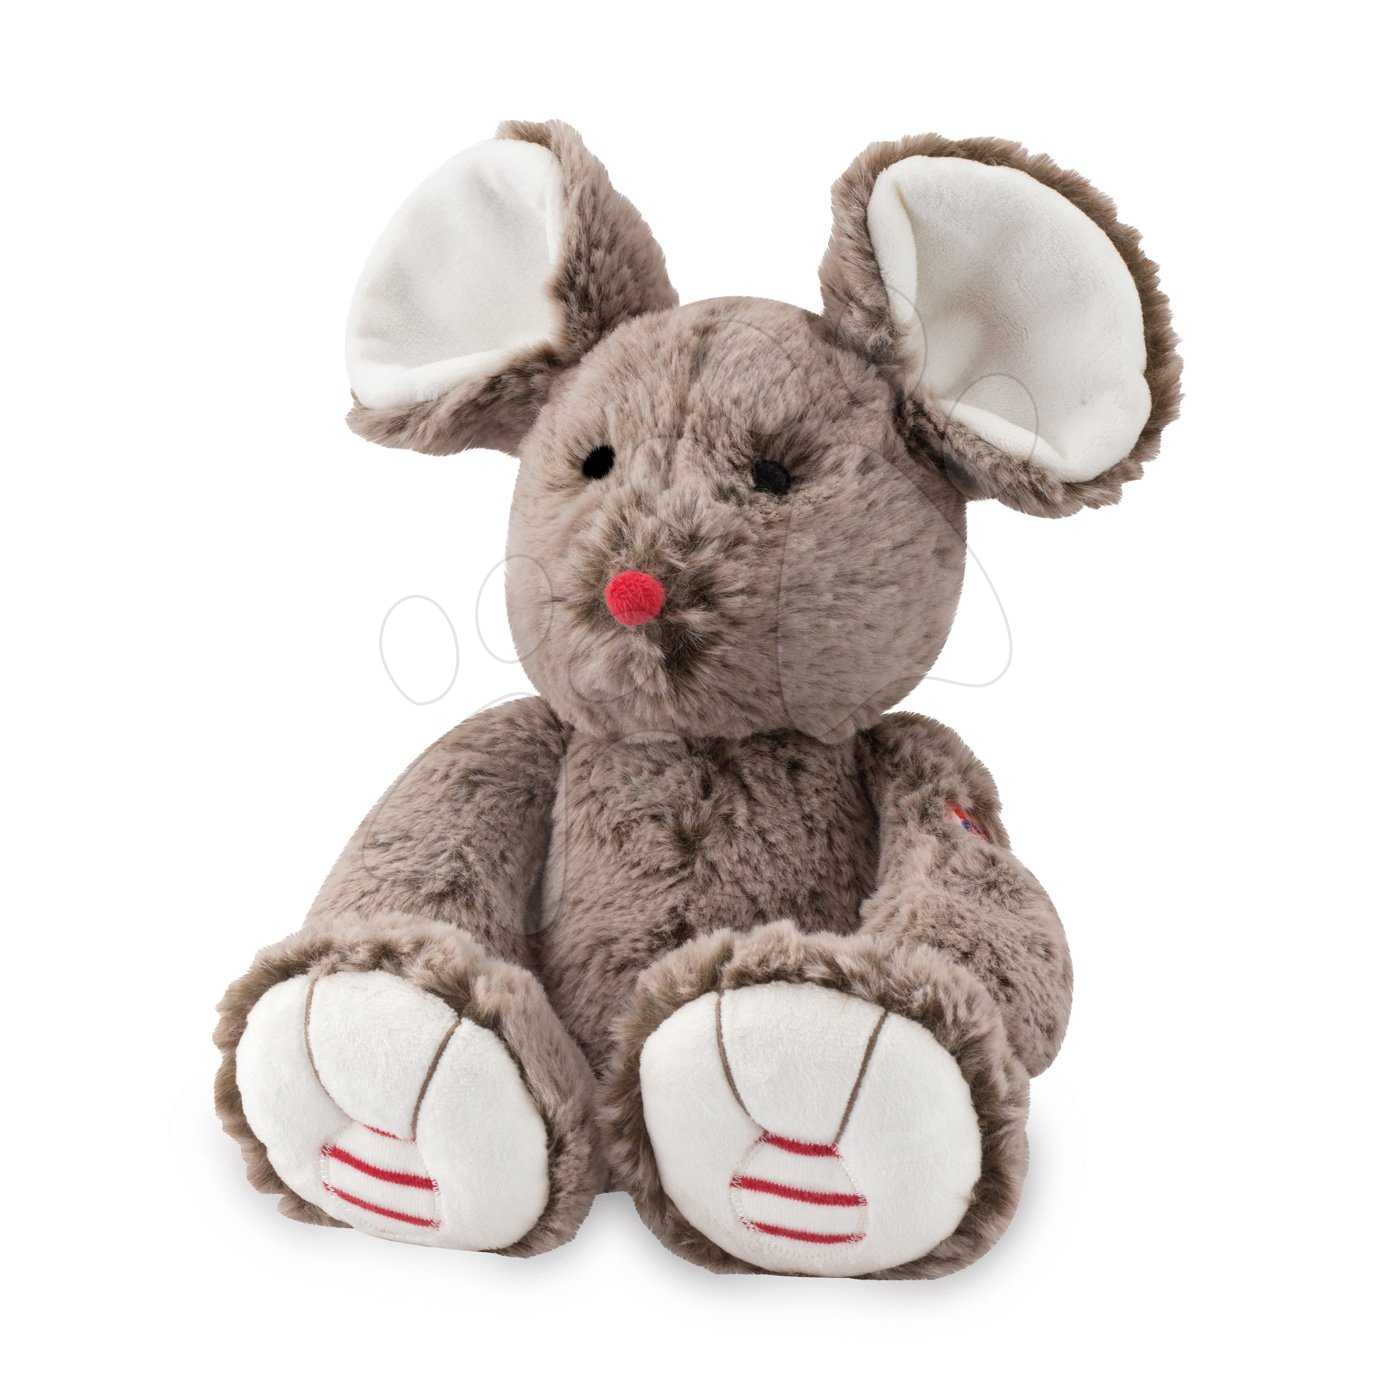 Plyšové a textilní hračky - Plyšová myška Rouge Kaloo 31cm pro nejmenší hnědá